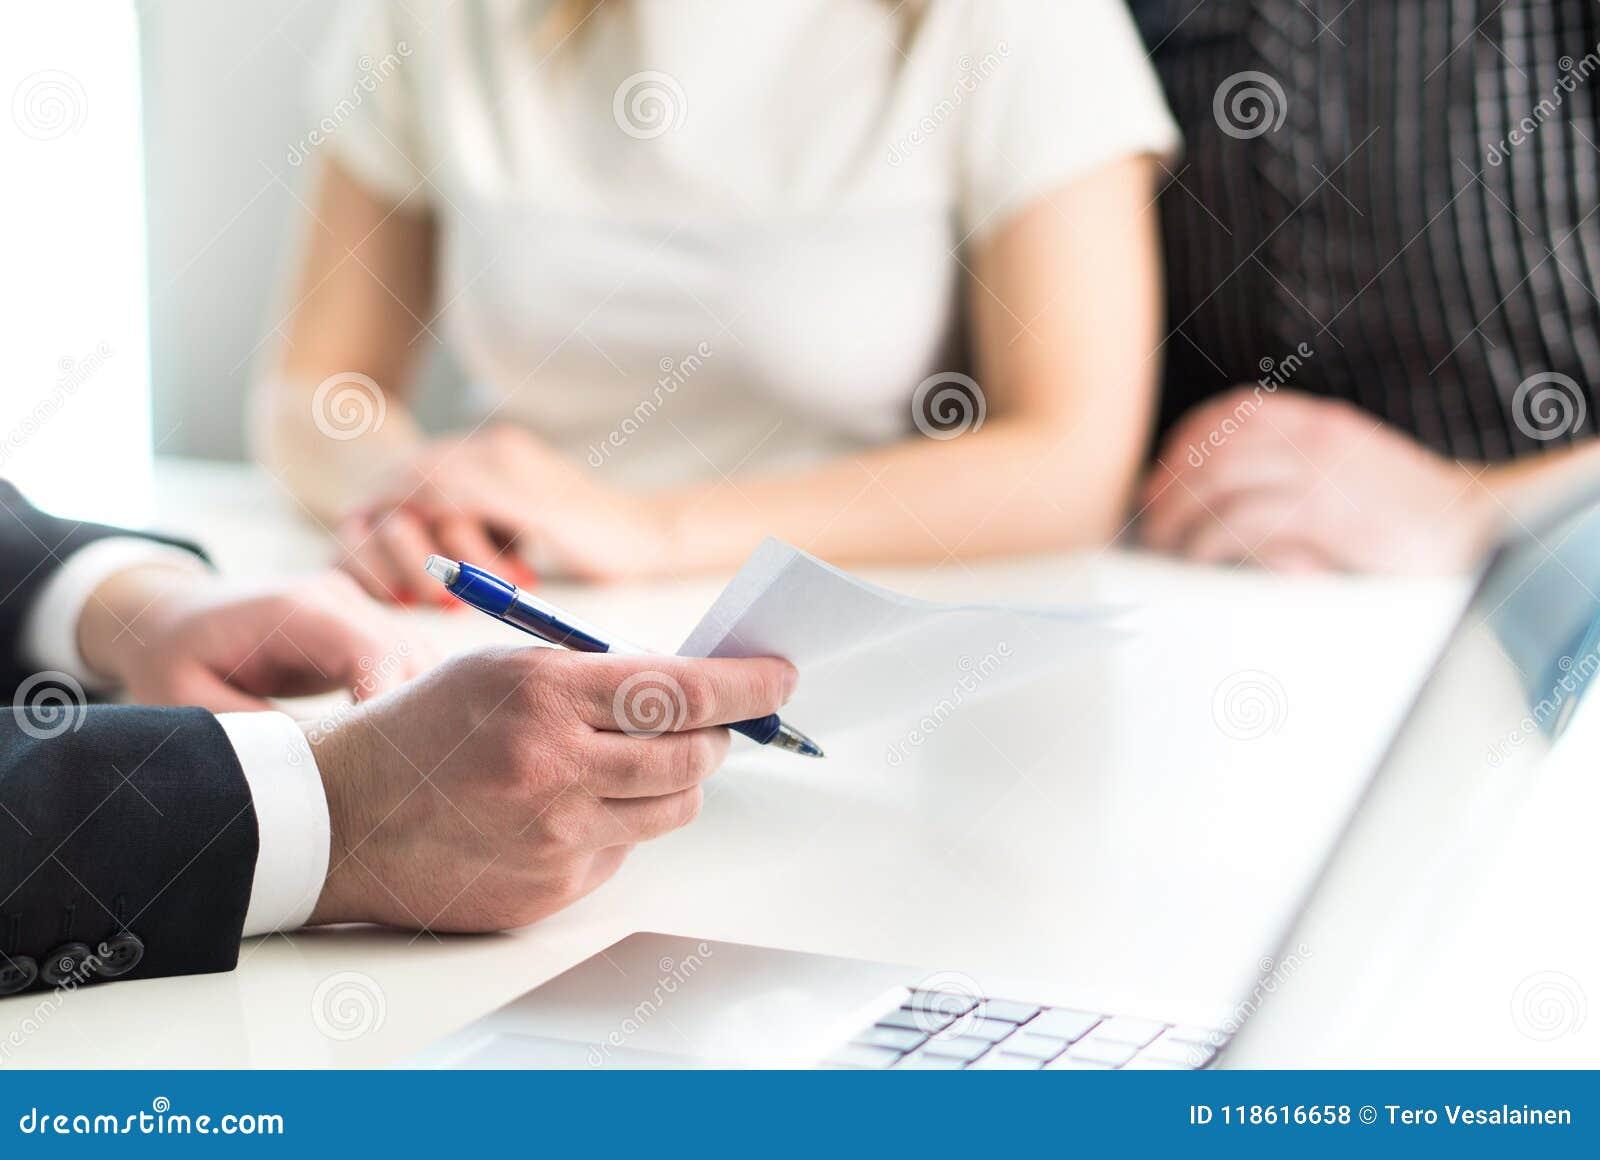 结合开与法律顾问,房地产开发商的会谈